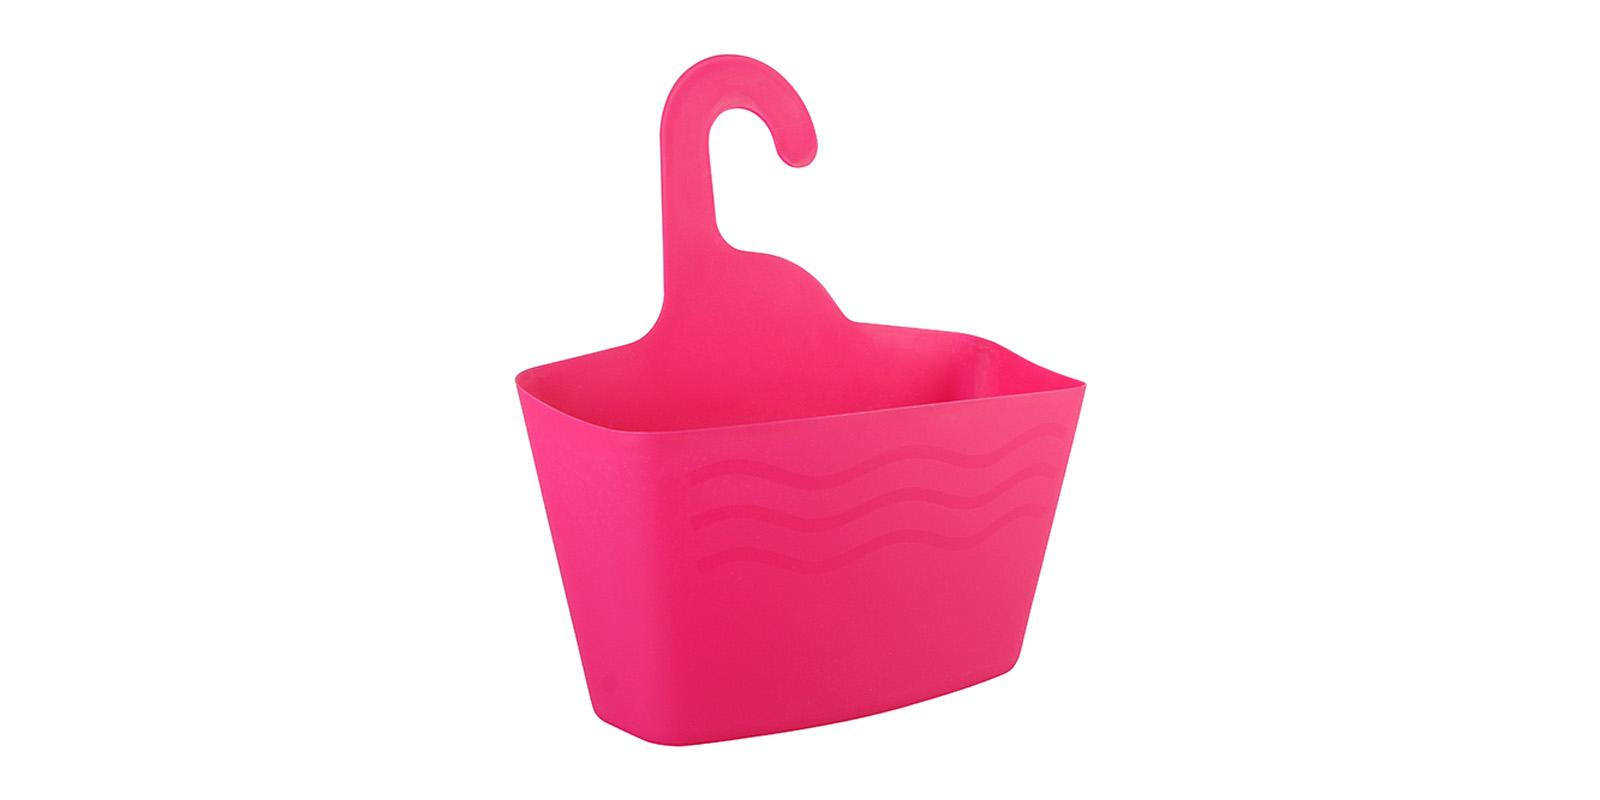 Аксессуар для парты SS3 корзина для хранения (розовый)